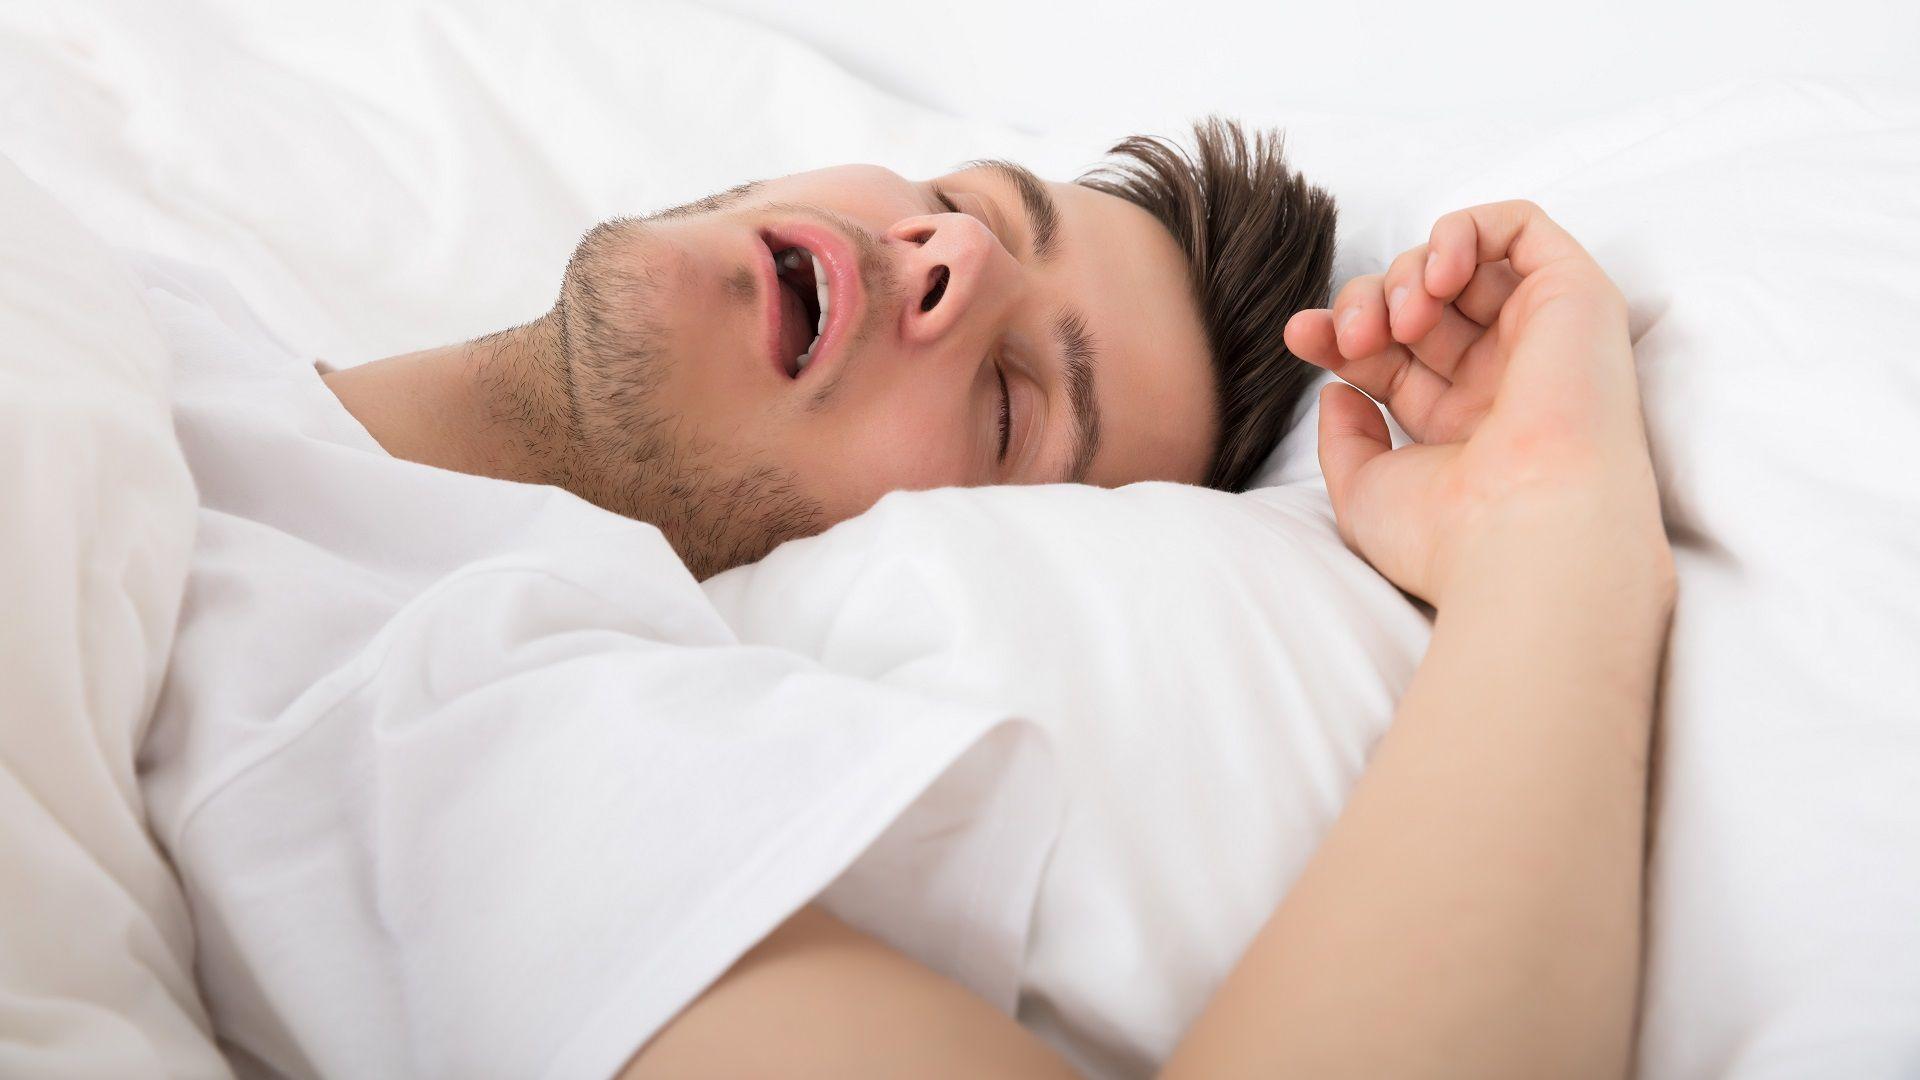 Als je thuis werkt, is het erg verleidelijk om lekker lang te blijven liggen